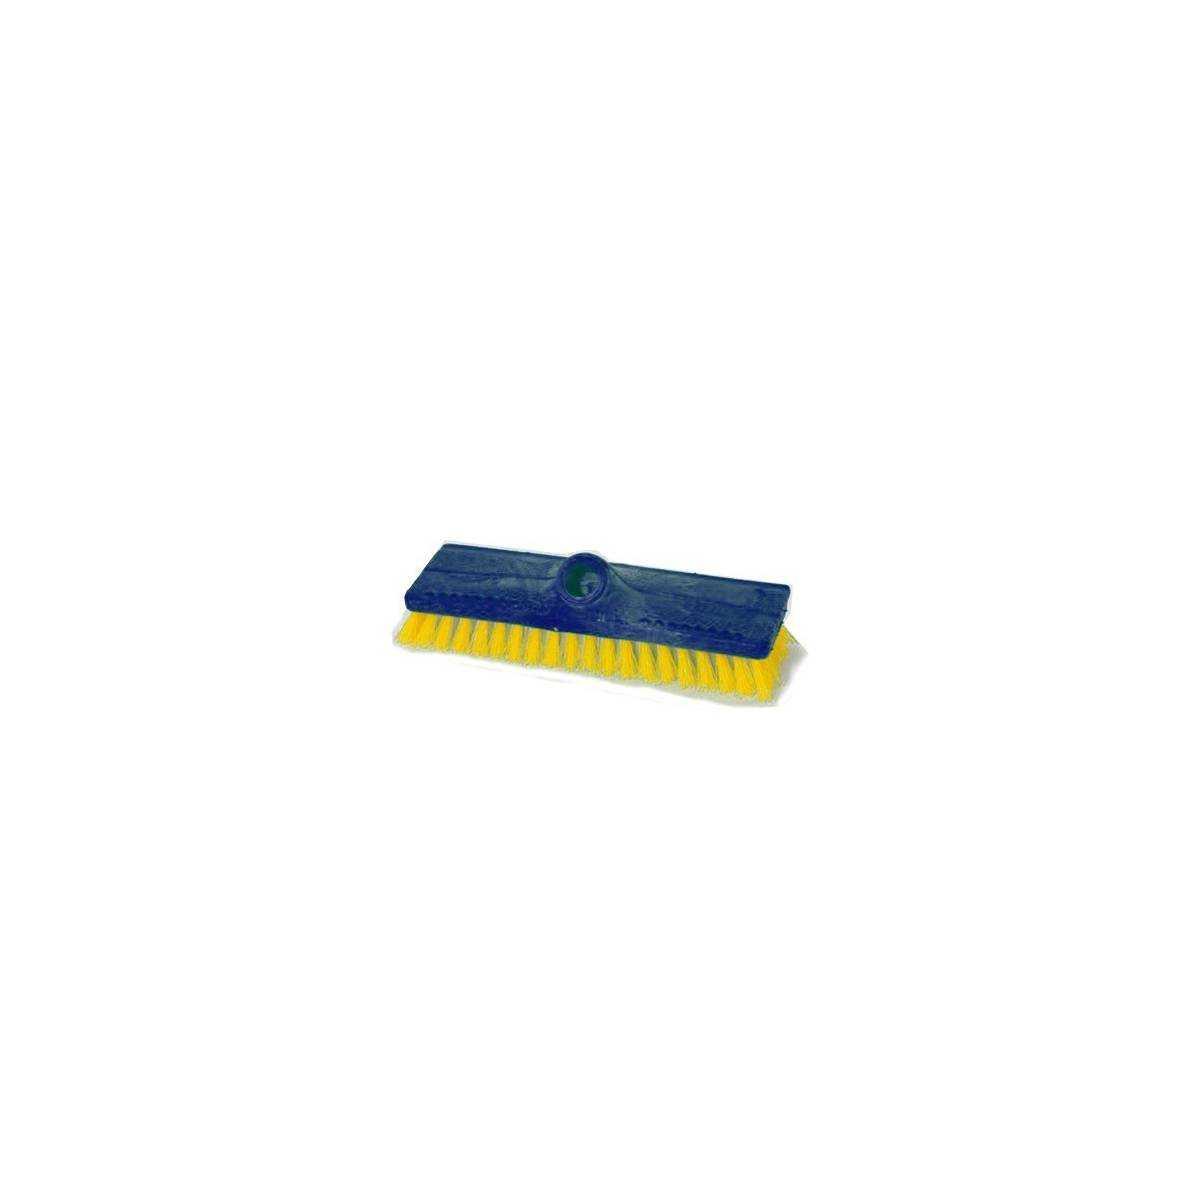 Щетка для пола поливинилхлорид 24см SuperiorMix (Синего цвета) 08.00631.0024.02.071 TTS